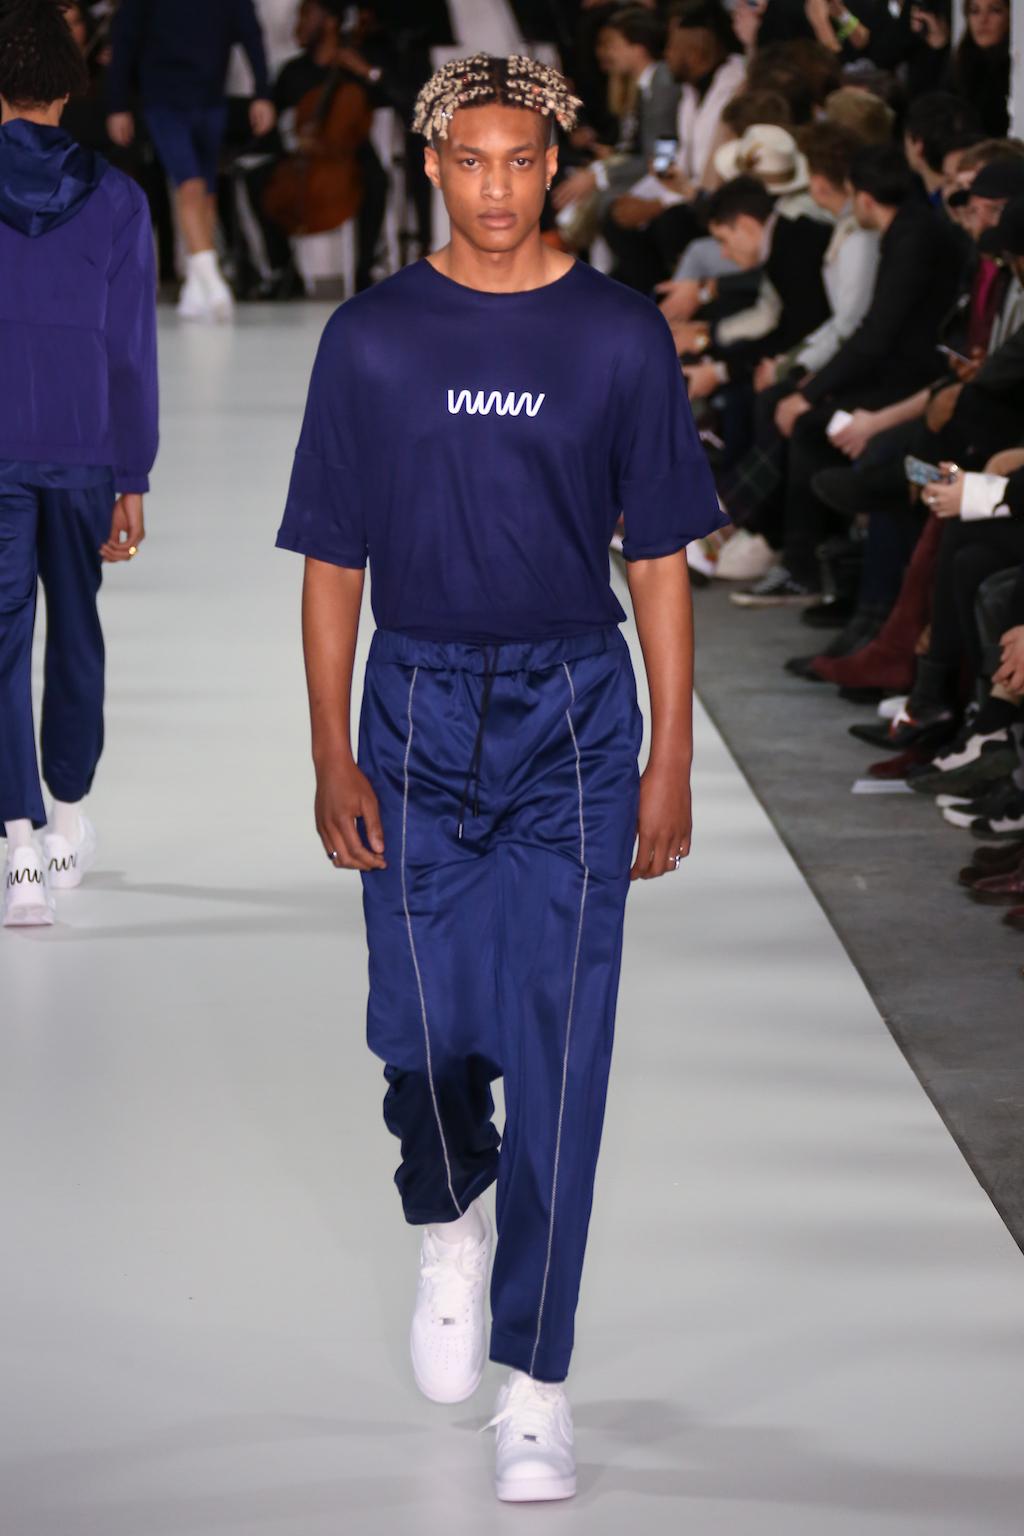 lfwm-aw17-what-we-wear-erol-birsen-the-upcoming-6